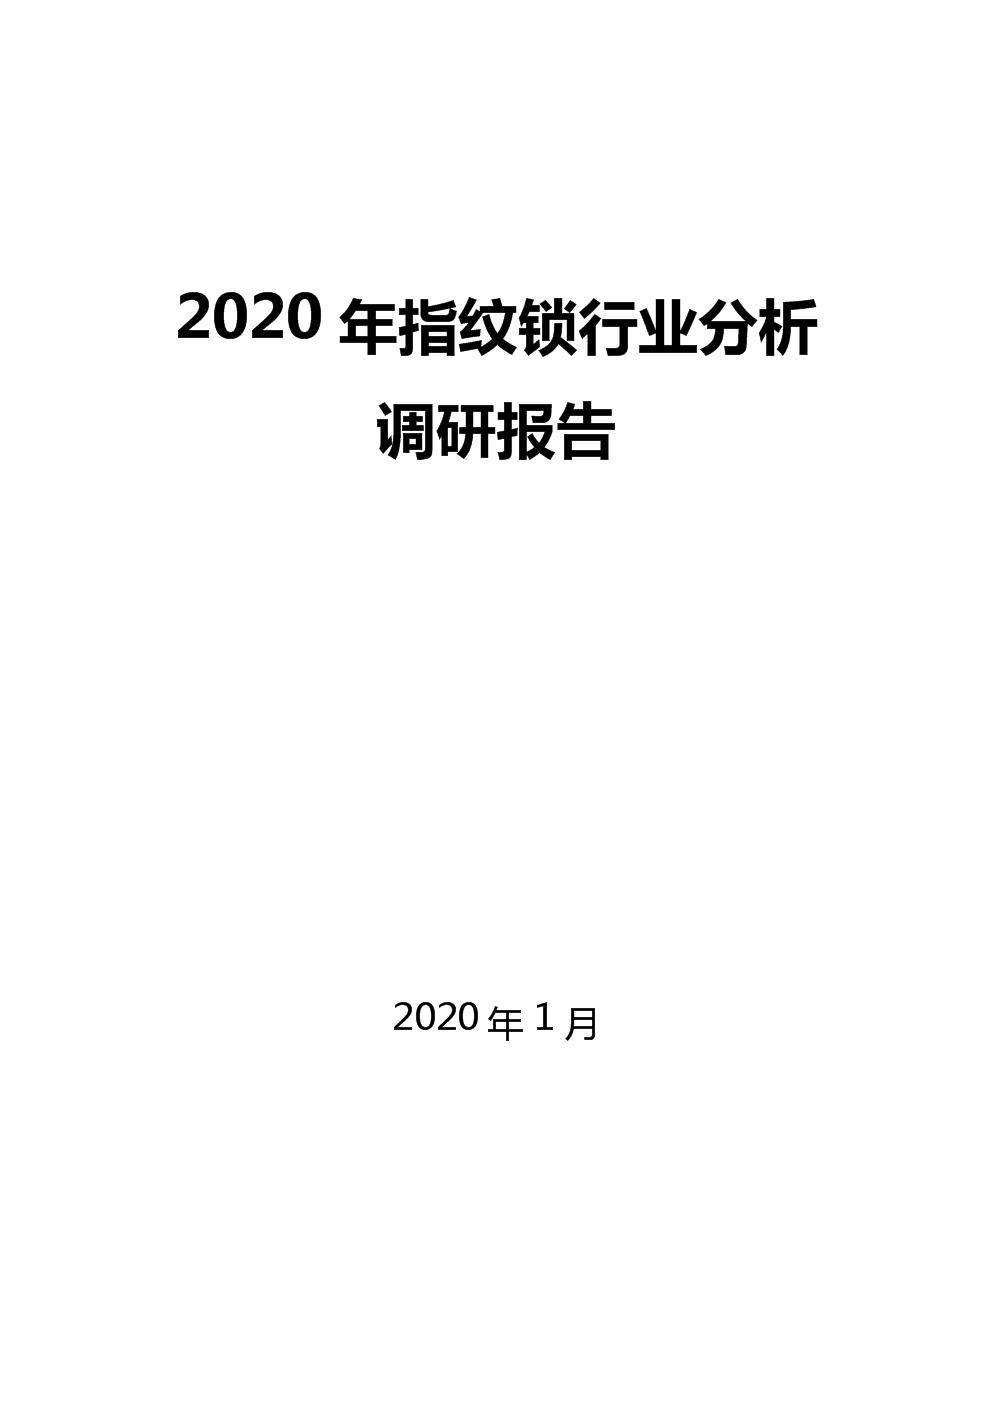 2020指纹锁行业分析调研报告.docx